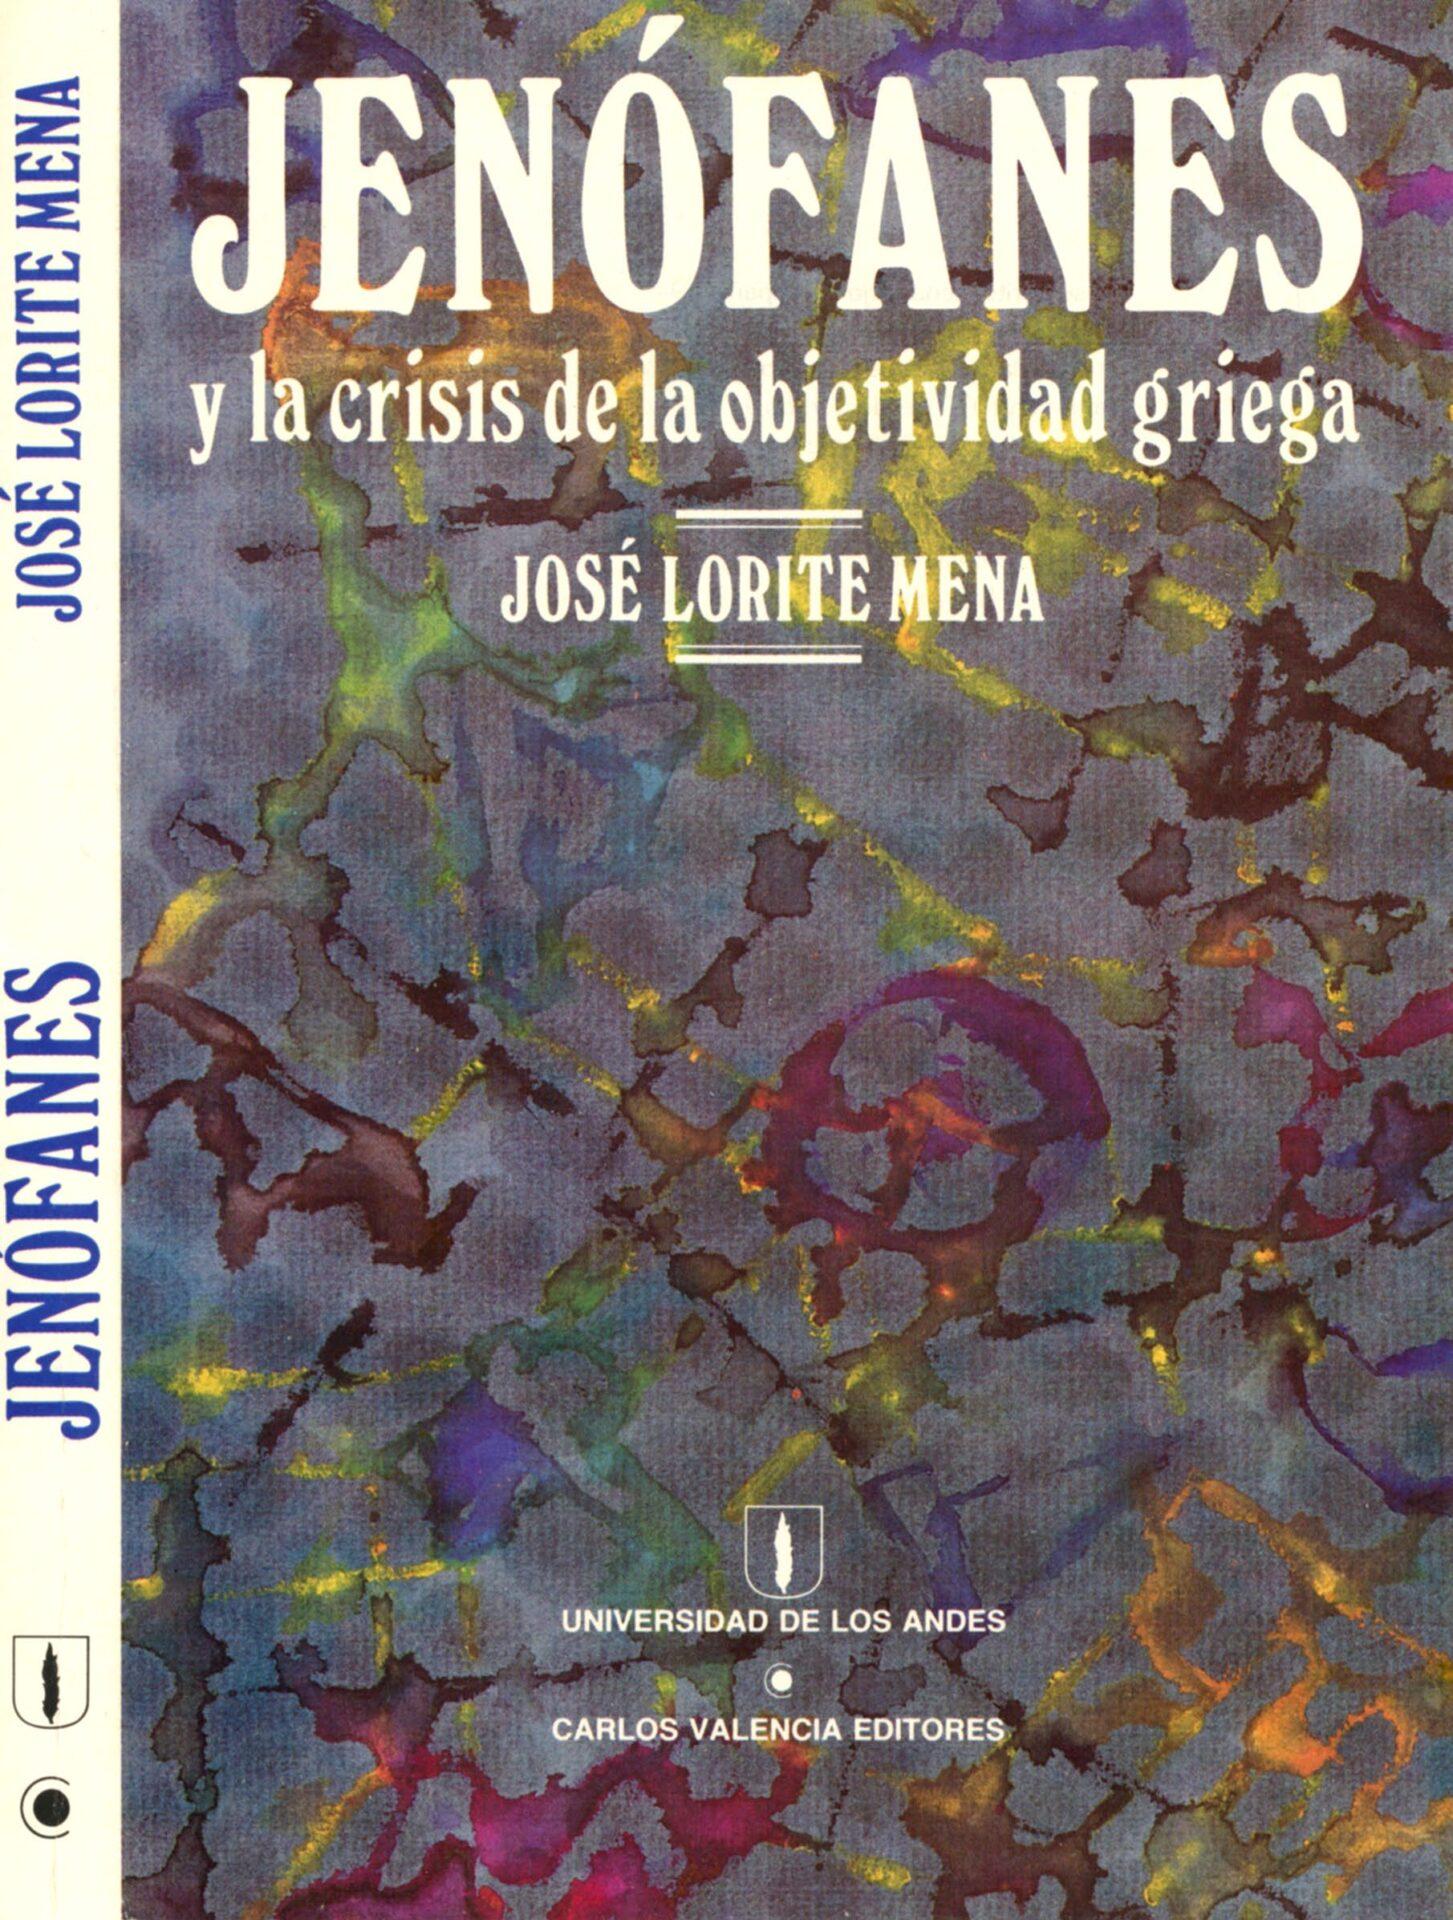 Lorite Mena. José. Jenófanes y la Crisis de la Objetividad Griega. Carlos Valencia Editores y Universidad de los Andes. 1986